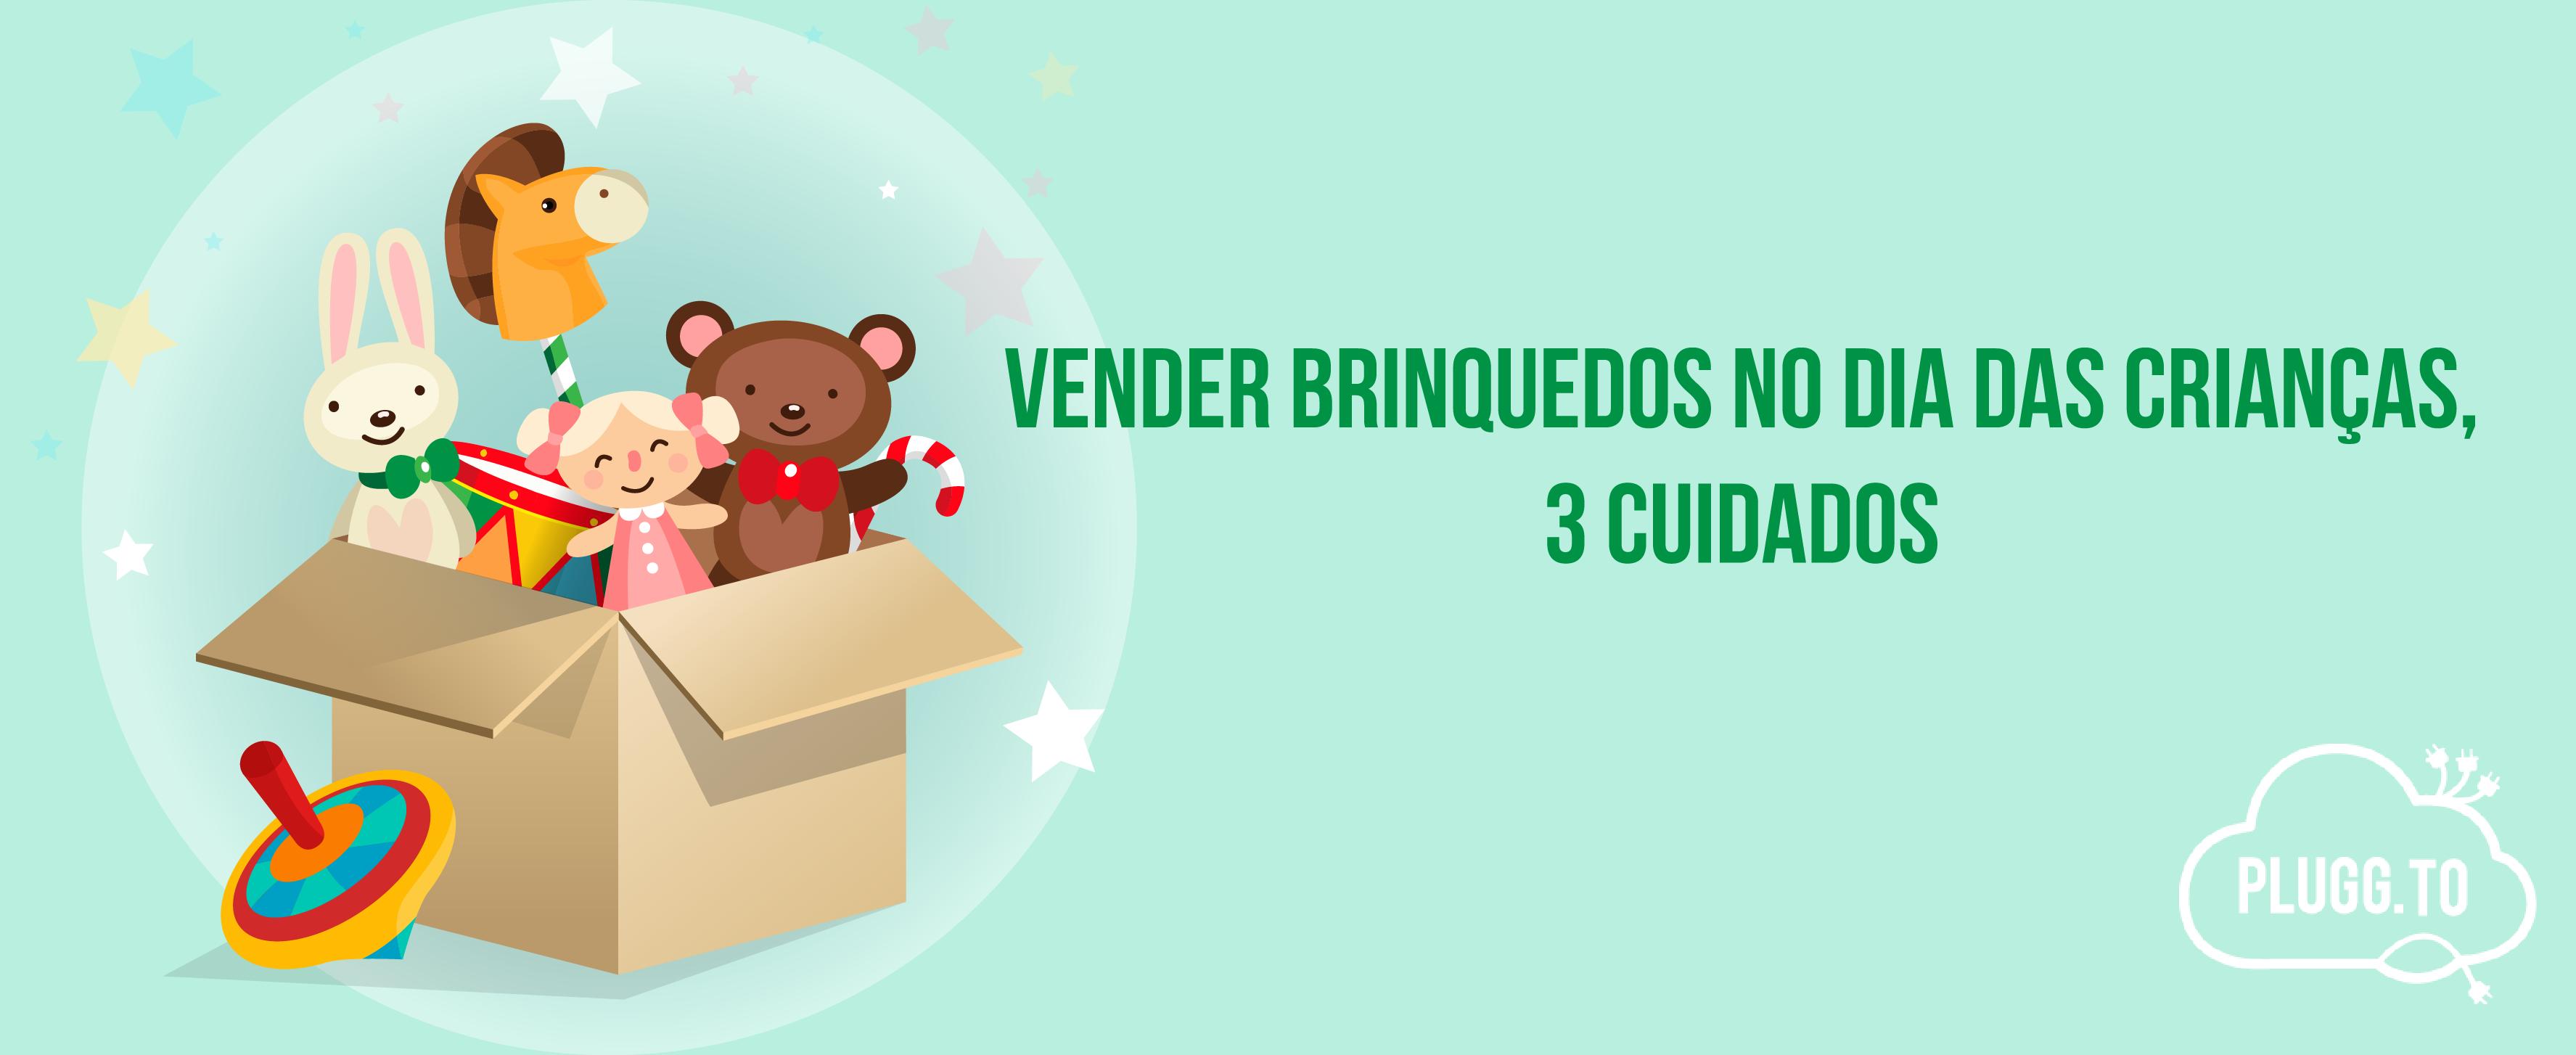 Vender Brinquedos no Dia das Crianças, 3 Cuidados